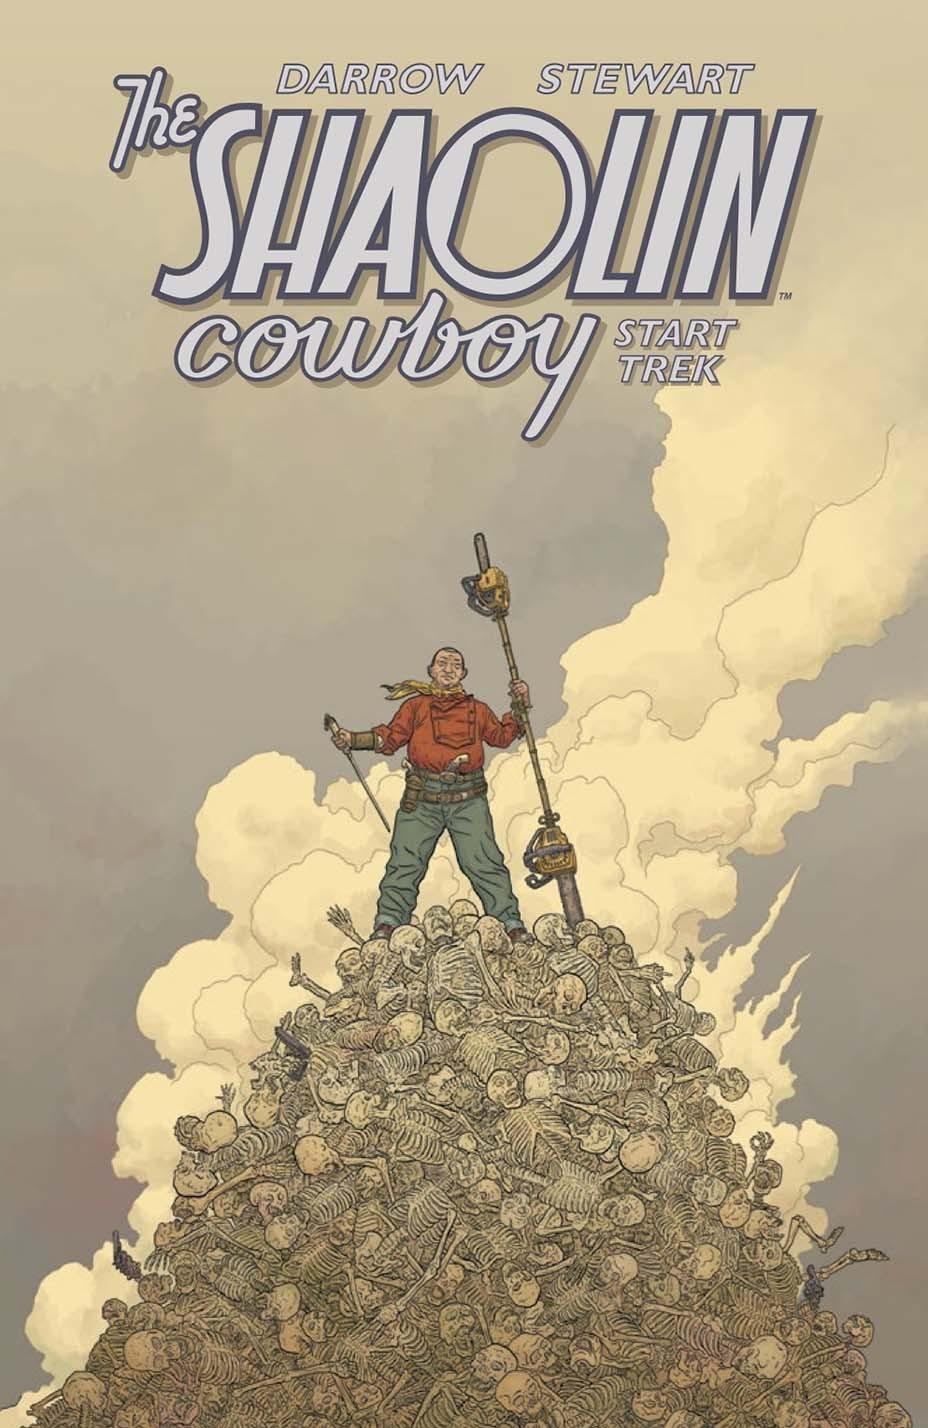 Shaolin Cowboy Taschenbuch - Werbung - EMBED 3 - 2020